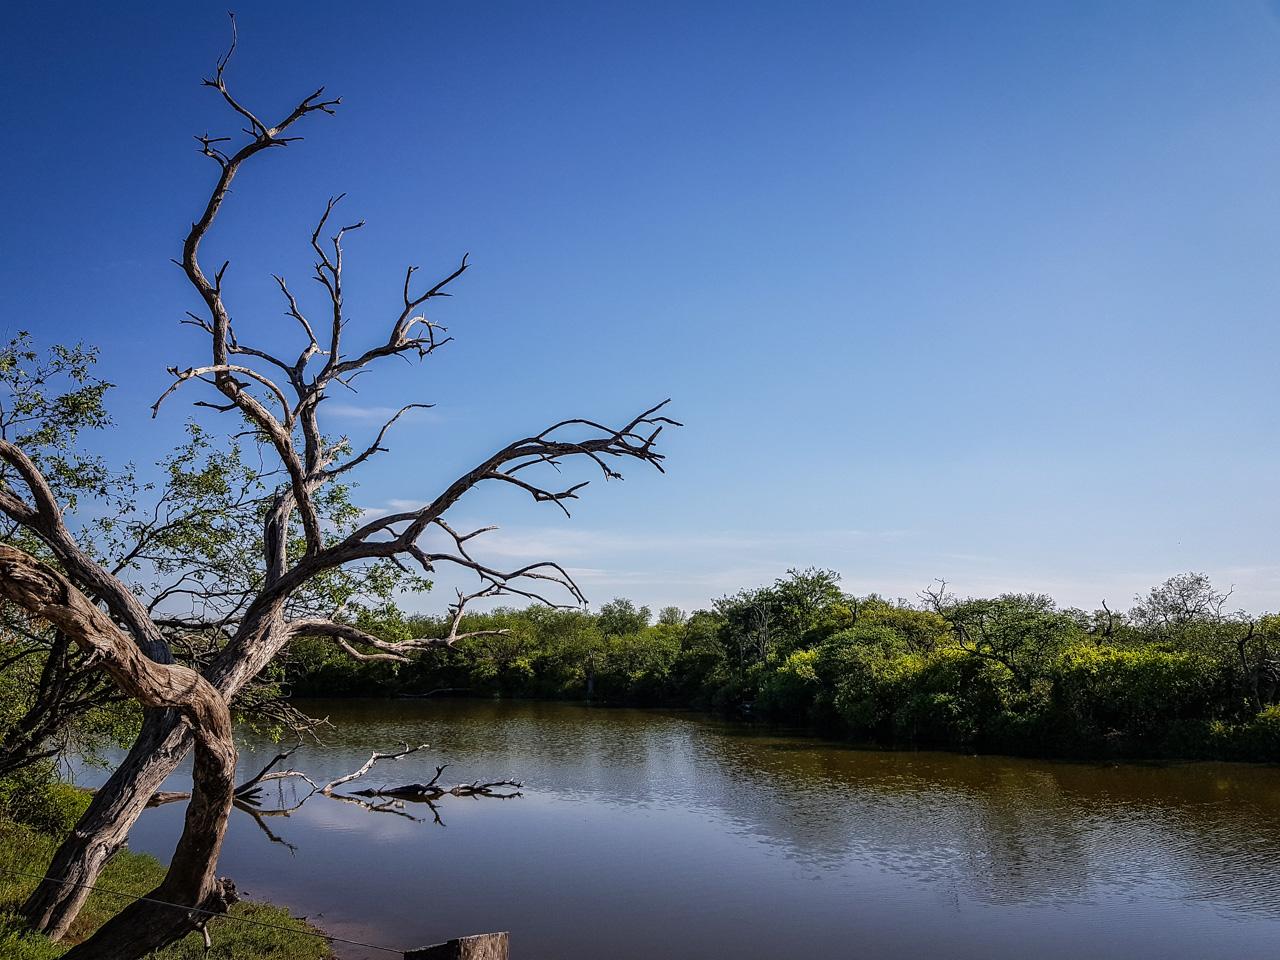 Las lagunas saladas del Chaco Paraguayo, específicamente el campamento Laguna Capitán, tomada con el smartphone Samsung Galaxy Note 8, en el mes de Enero pasado. (Elton Núñez).